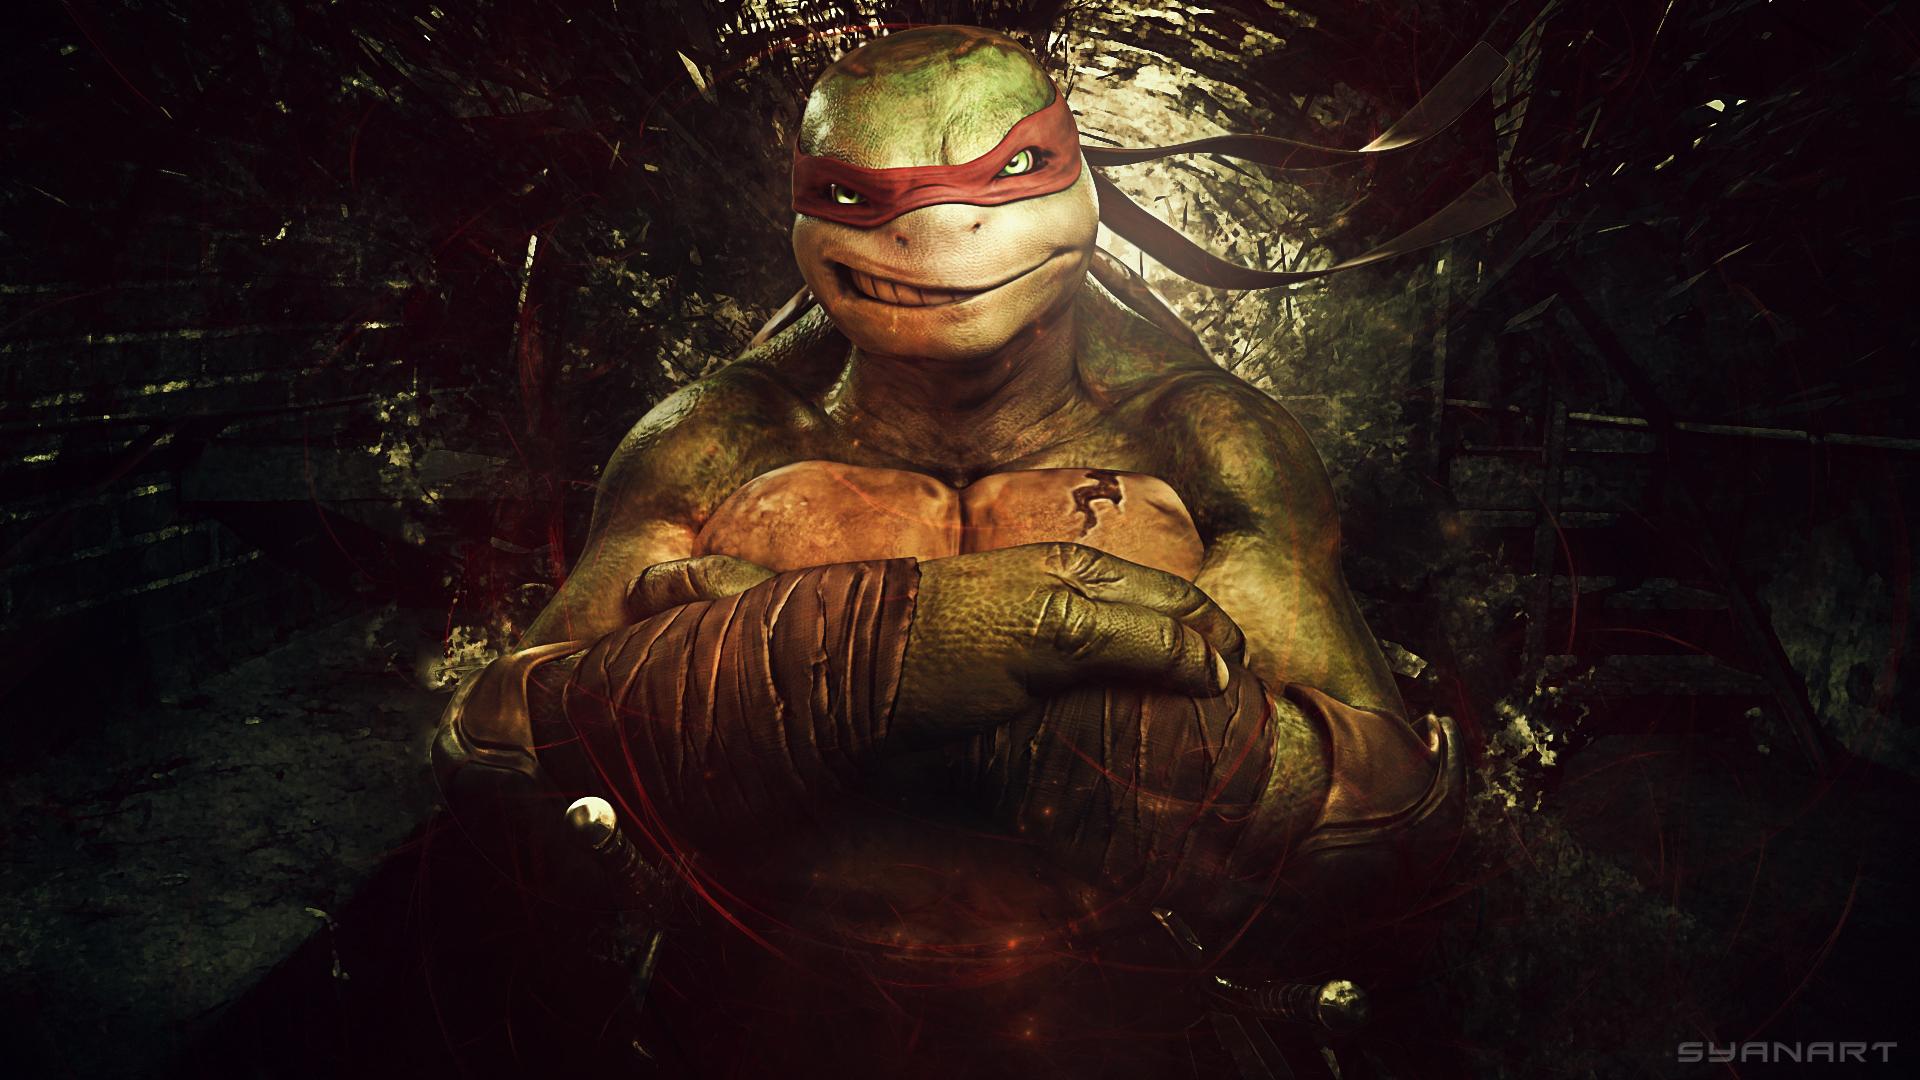 Raphael ninja turtles art